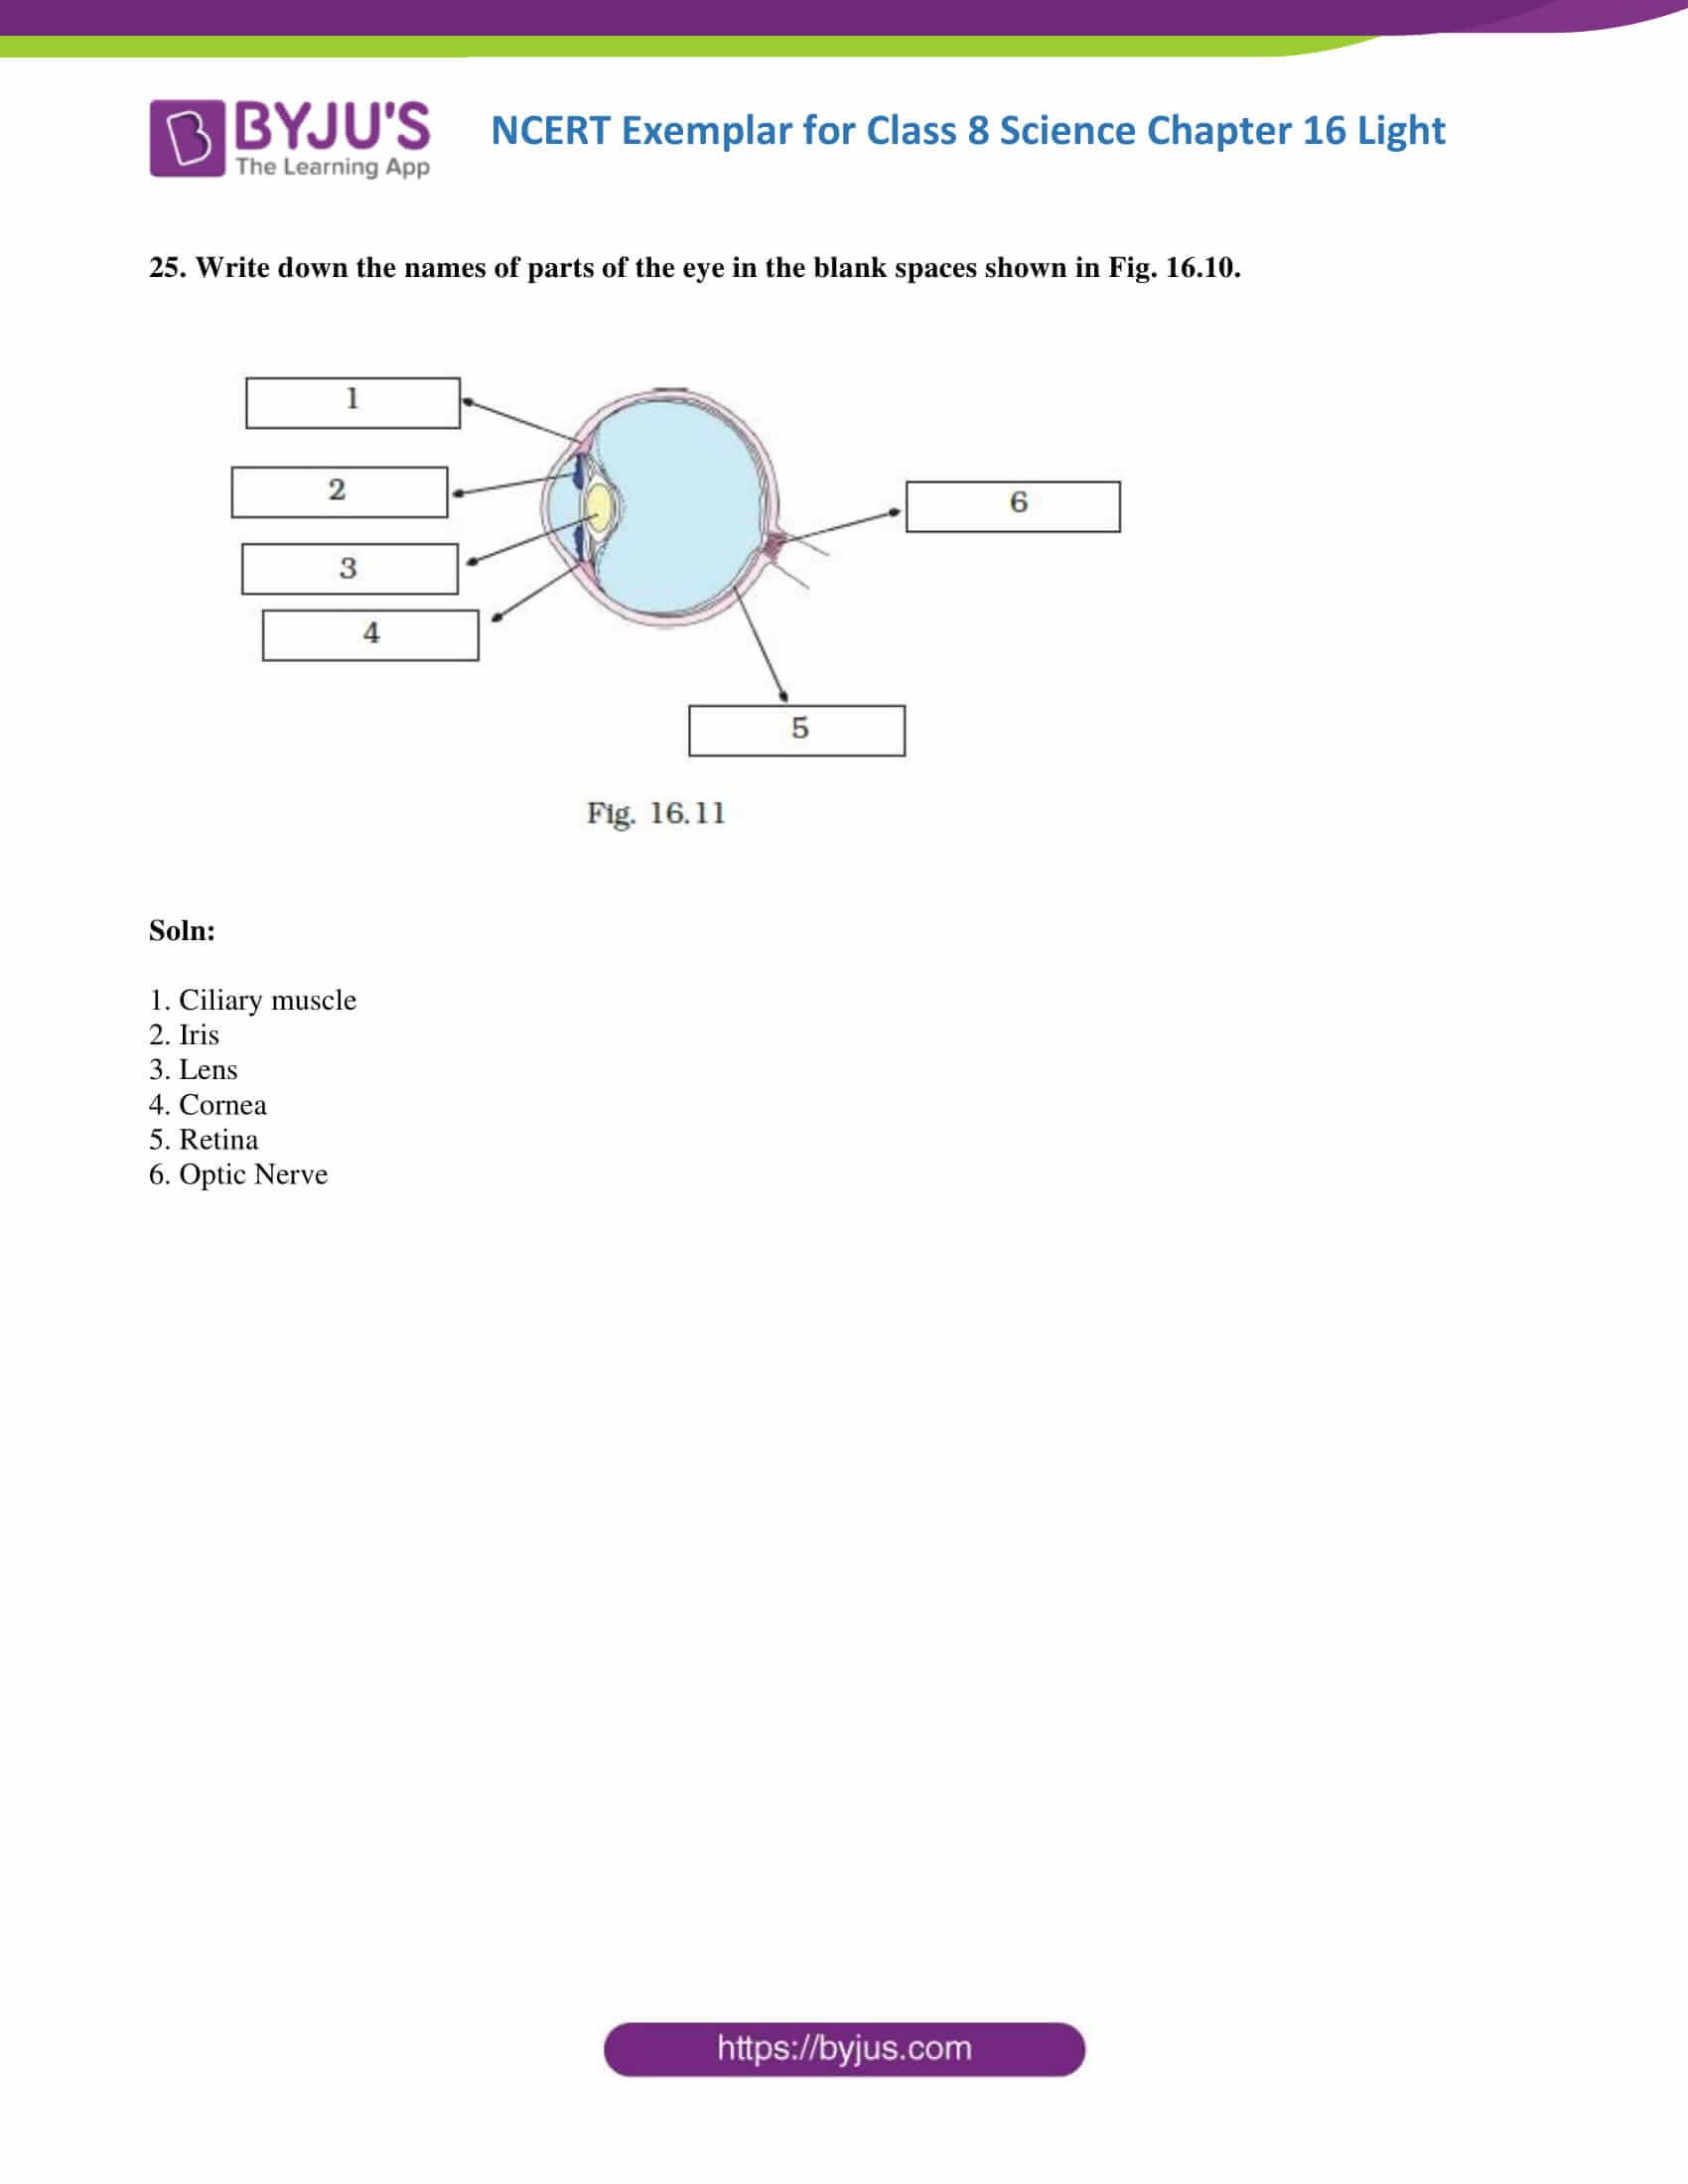 NCERT Exemplar solution class 8 science chapter 16 part 12